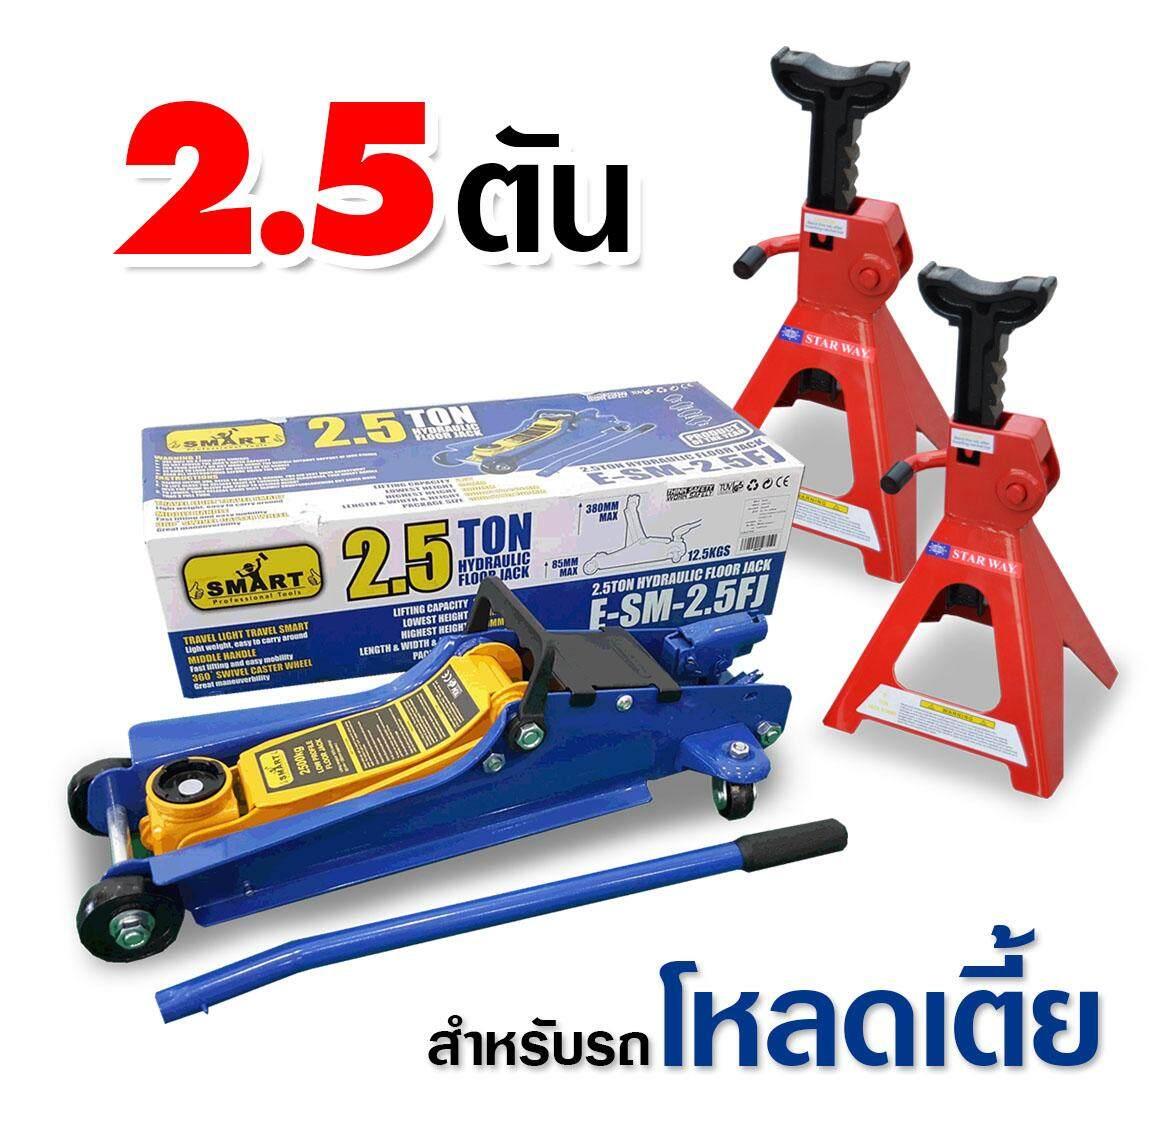 ชุดแม่แรงโหลดเตี้ย Smart 2.5ตัน และ ขาตั้งรถ Starway 2ตัน 2ชิ้น (ส่งด่วน2-3วัน) By Thaikodang.